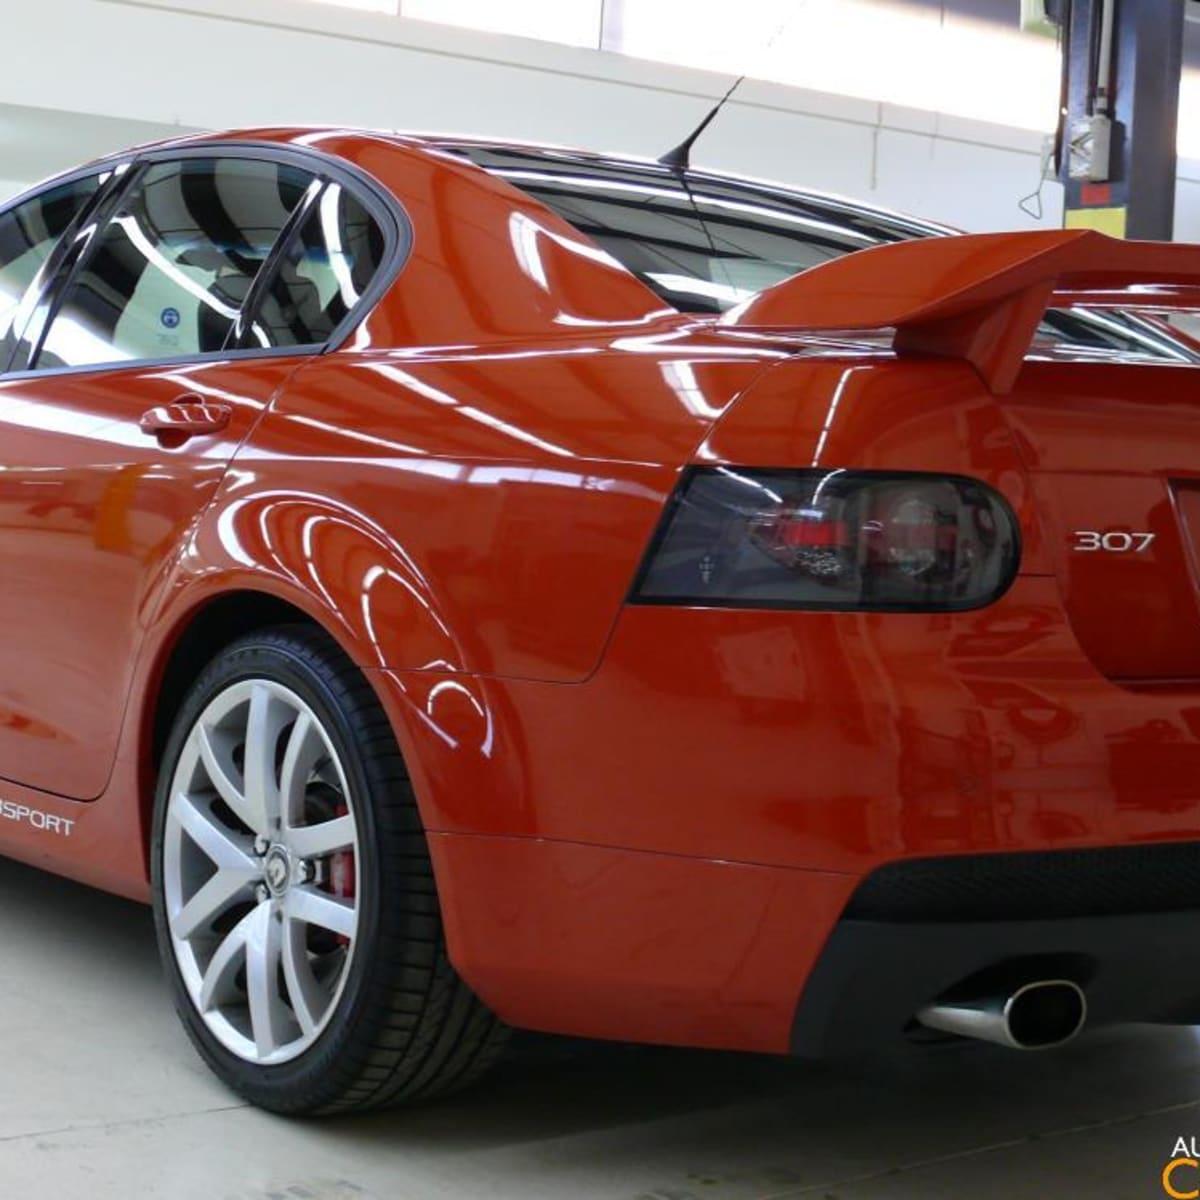 2007 VE HSV ClubSport R8 with Walkinshaw TOMCAT exhaust